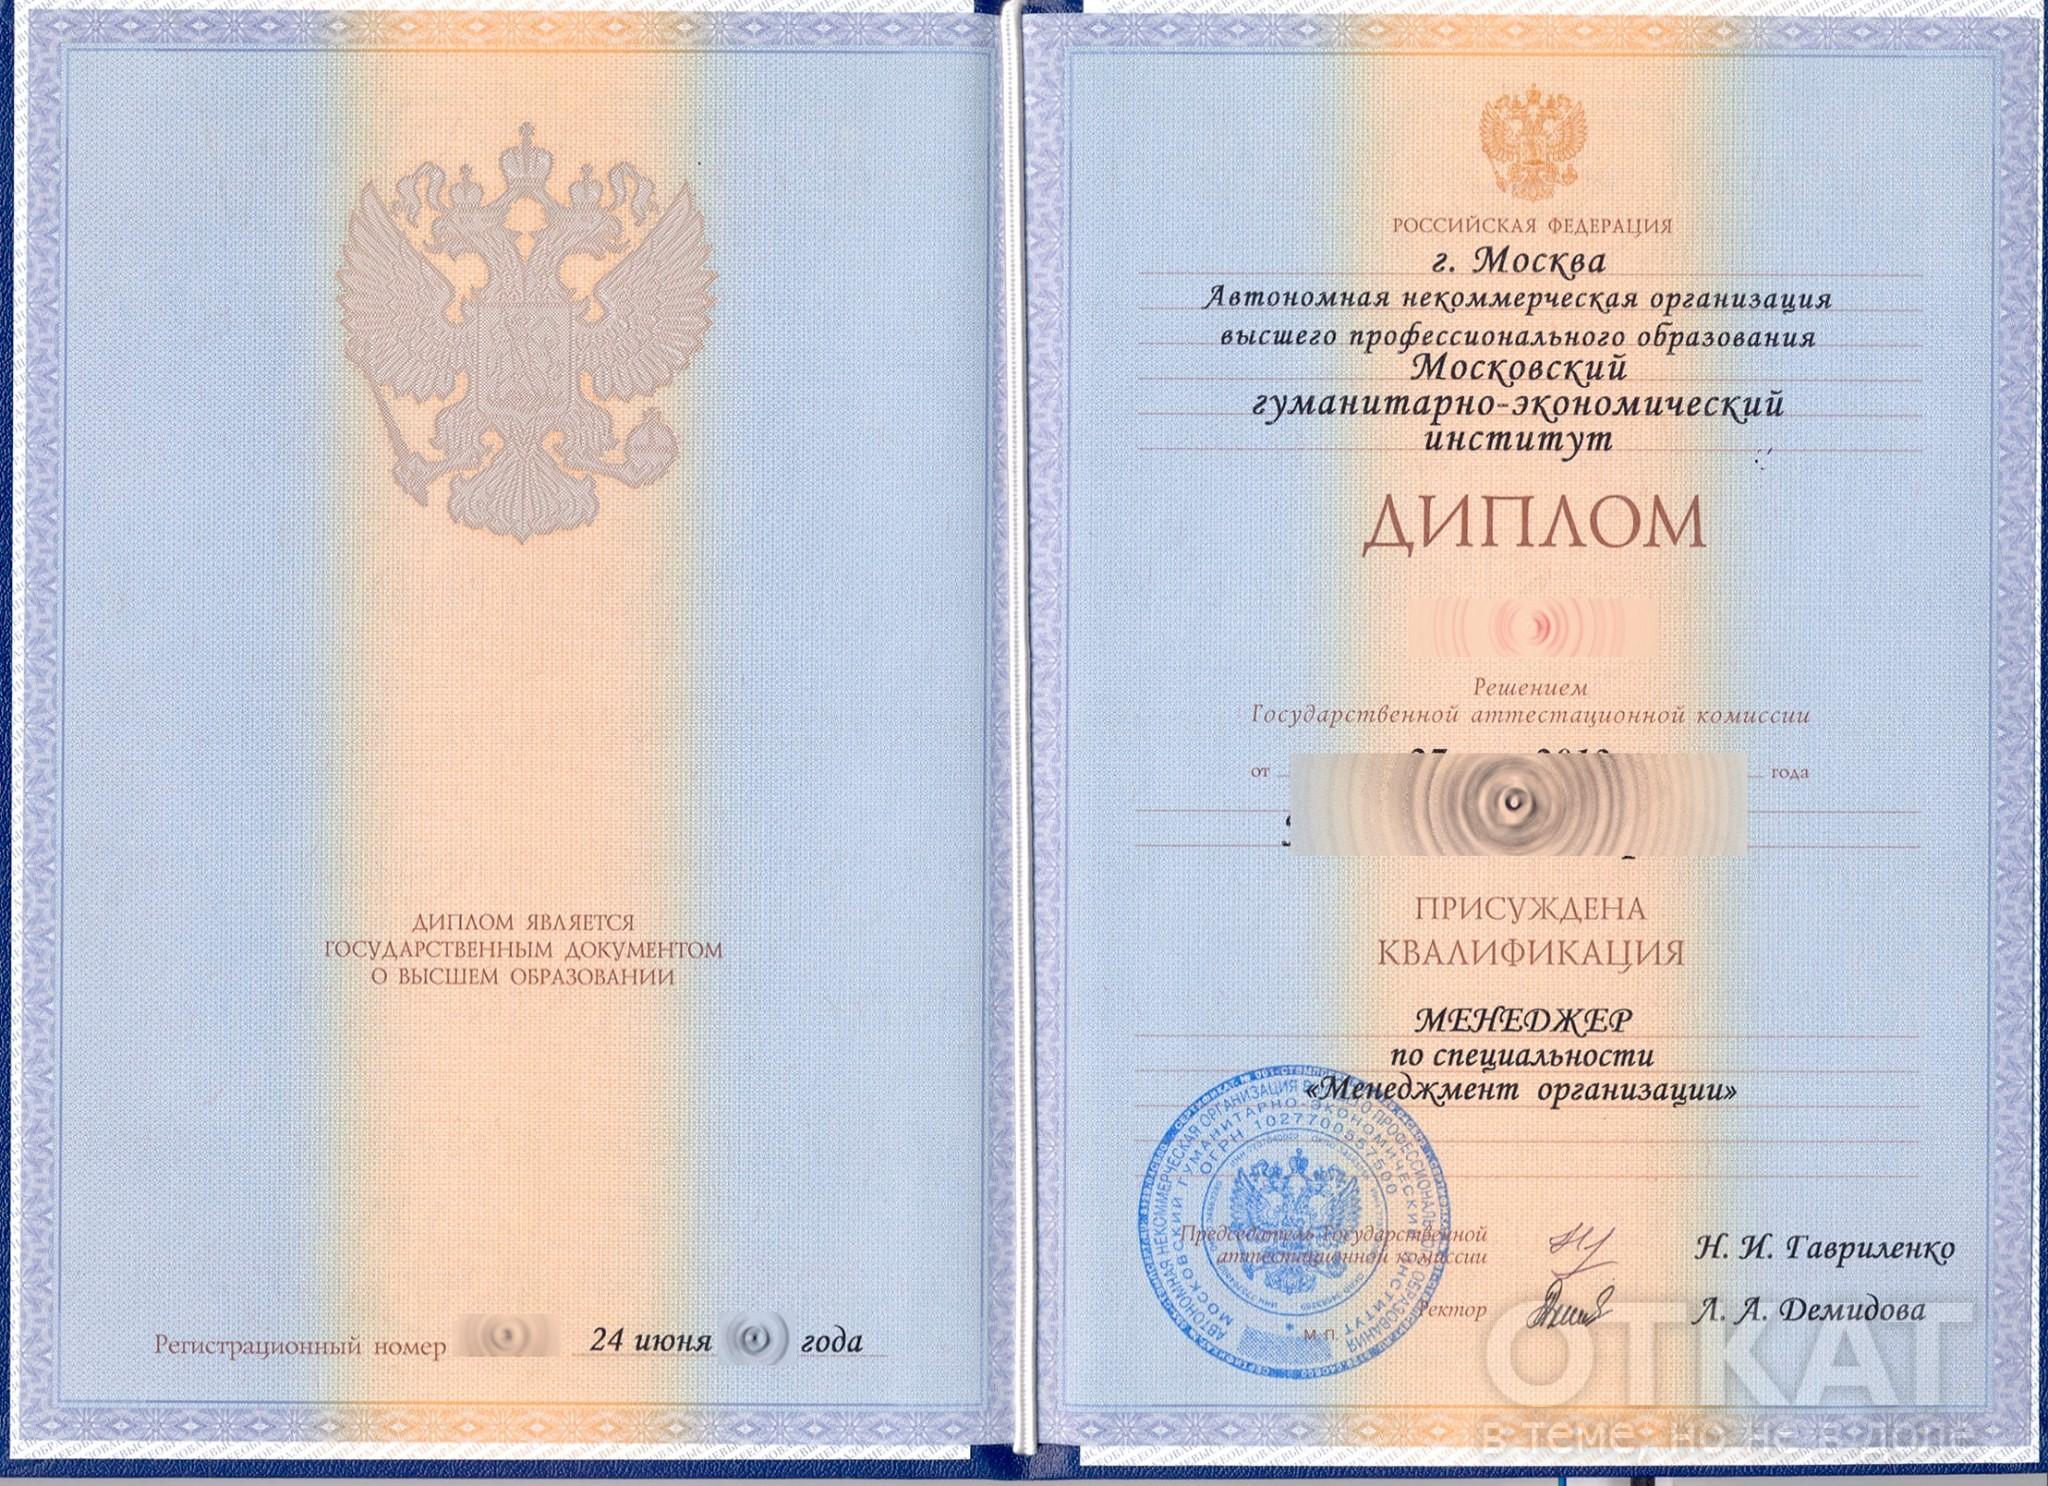 Где в Одессе можно получить диплом РФ ФОТО  А учитывая то что по утверждению активистов ХГЭУ только пытается через Минобразования легализовать свои дипломы то этот диплом в Украине сомнительный